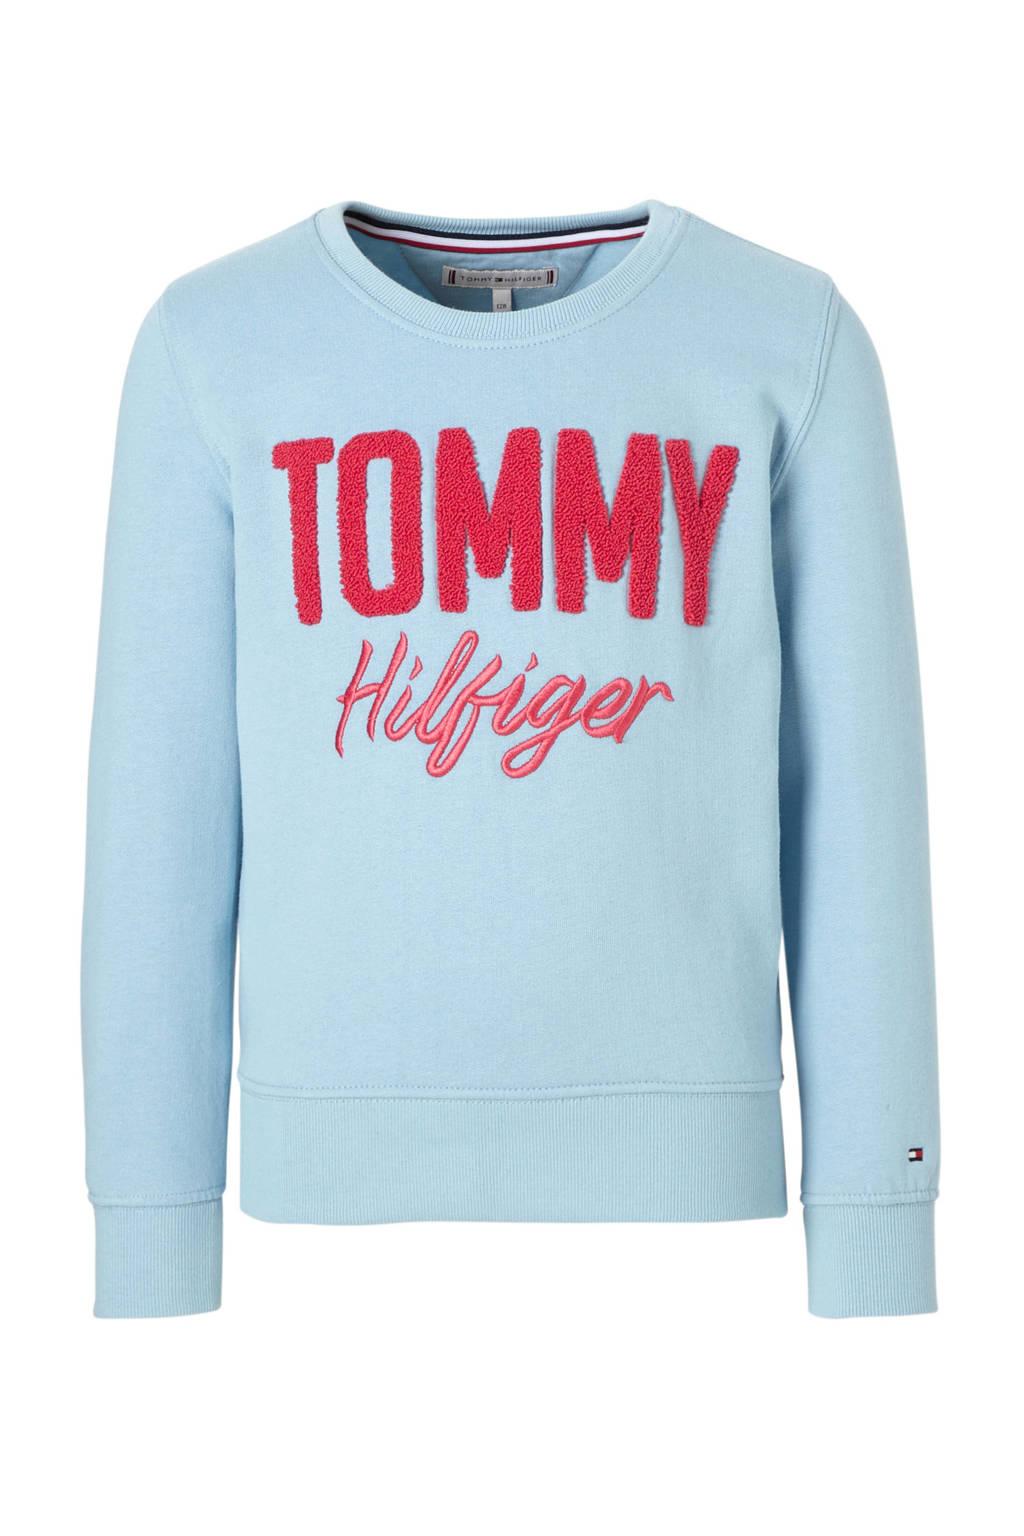 Tommy Hilfiger sweater lichtblauw, Lichtblauw/hardroze